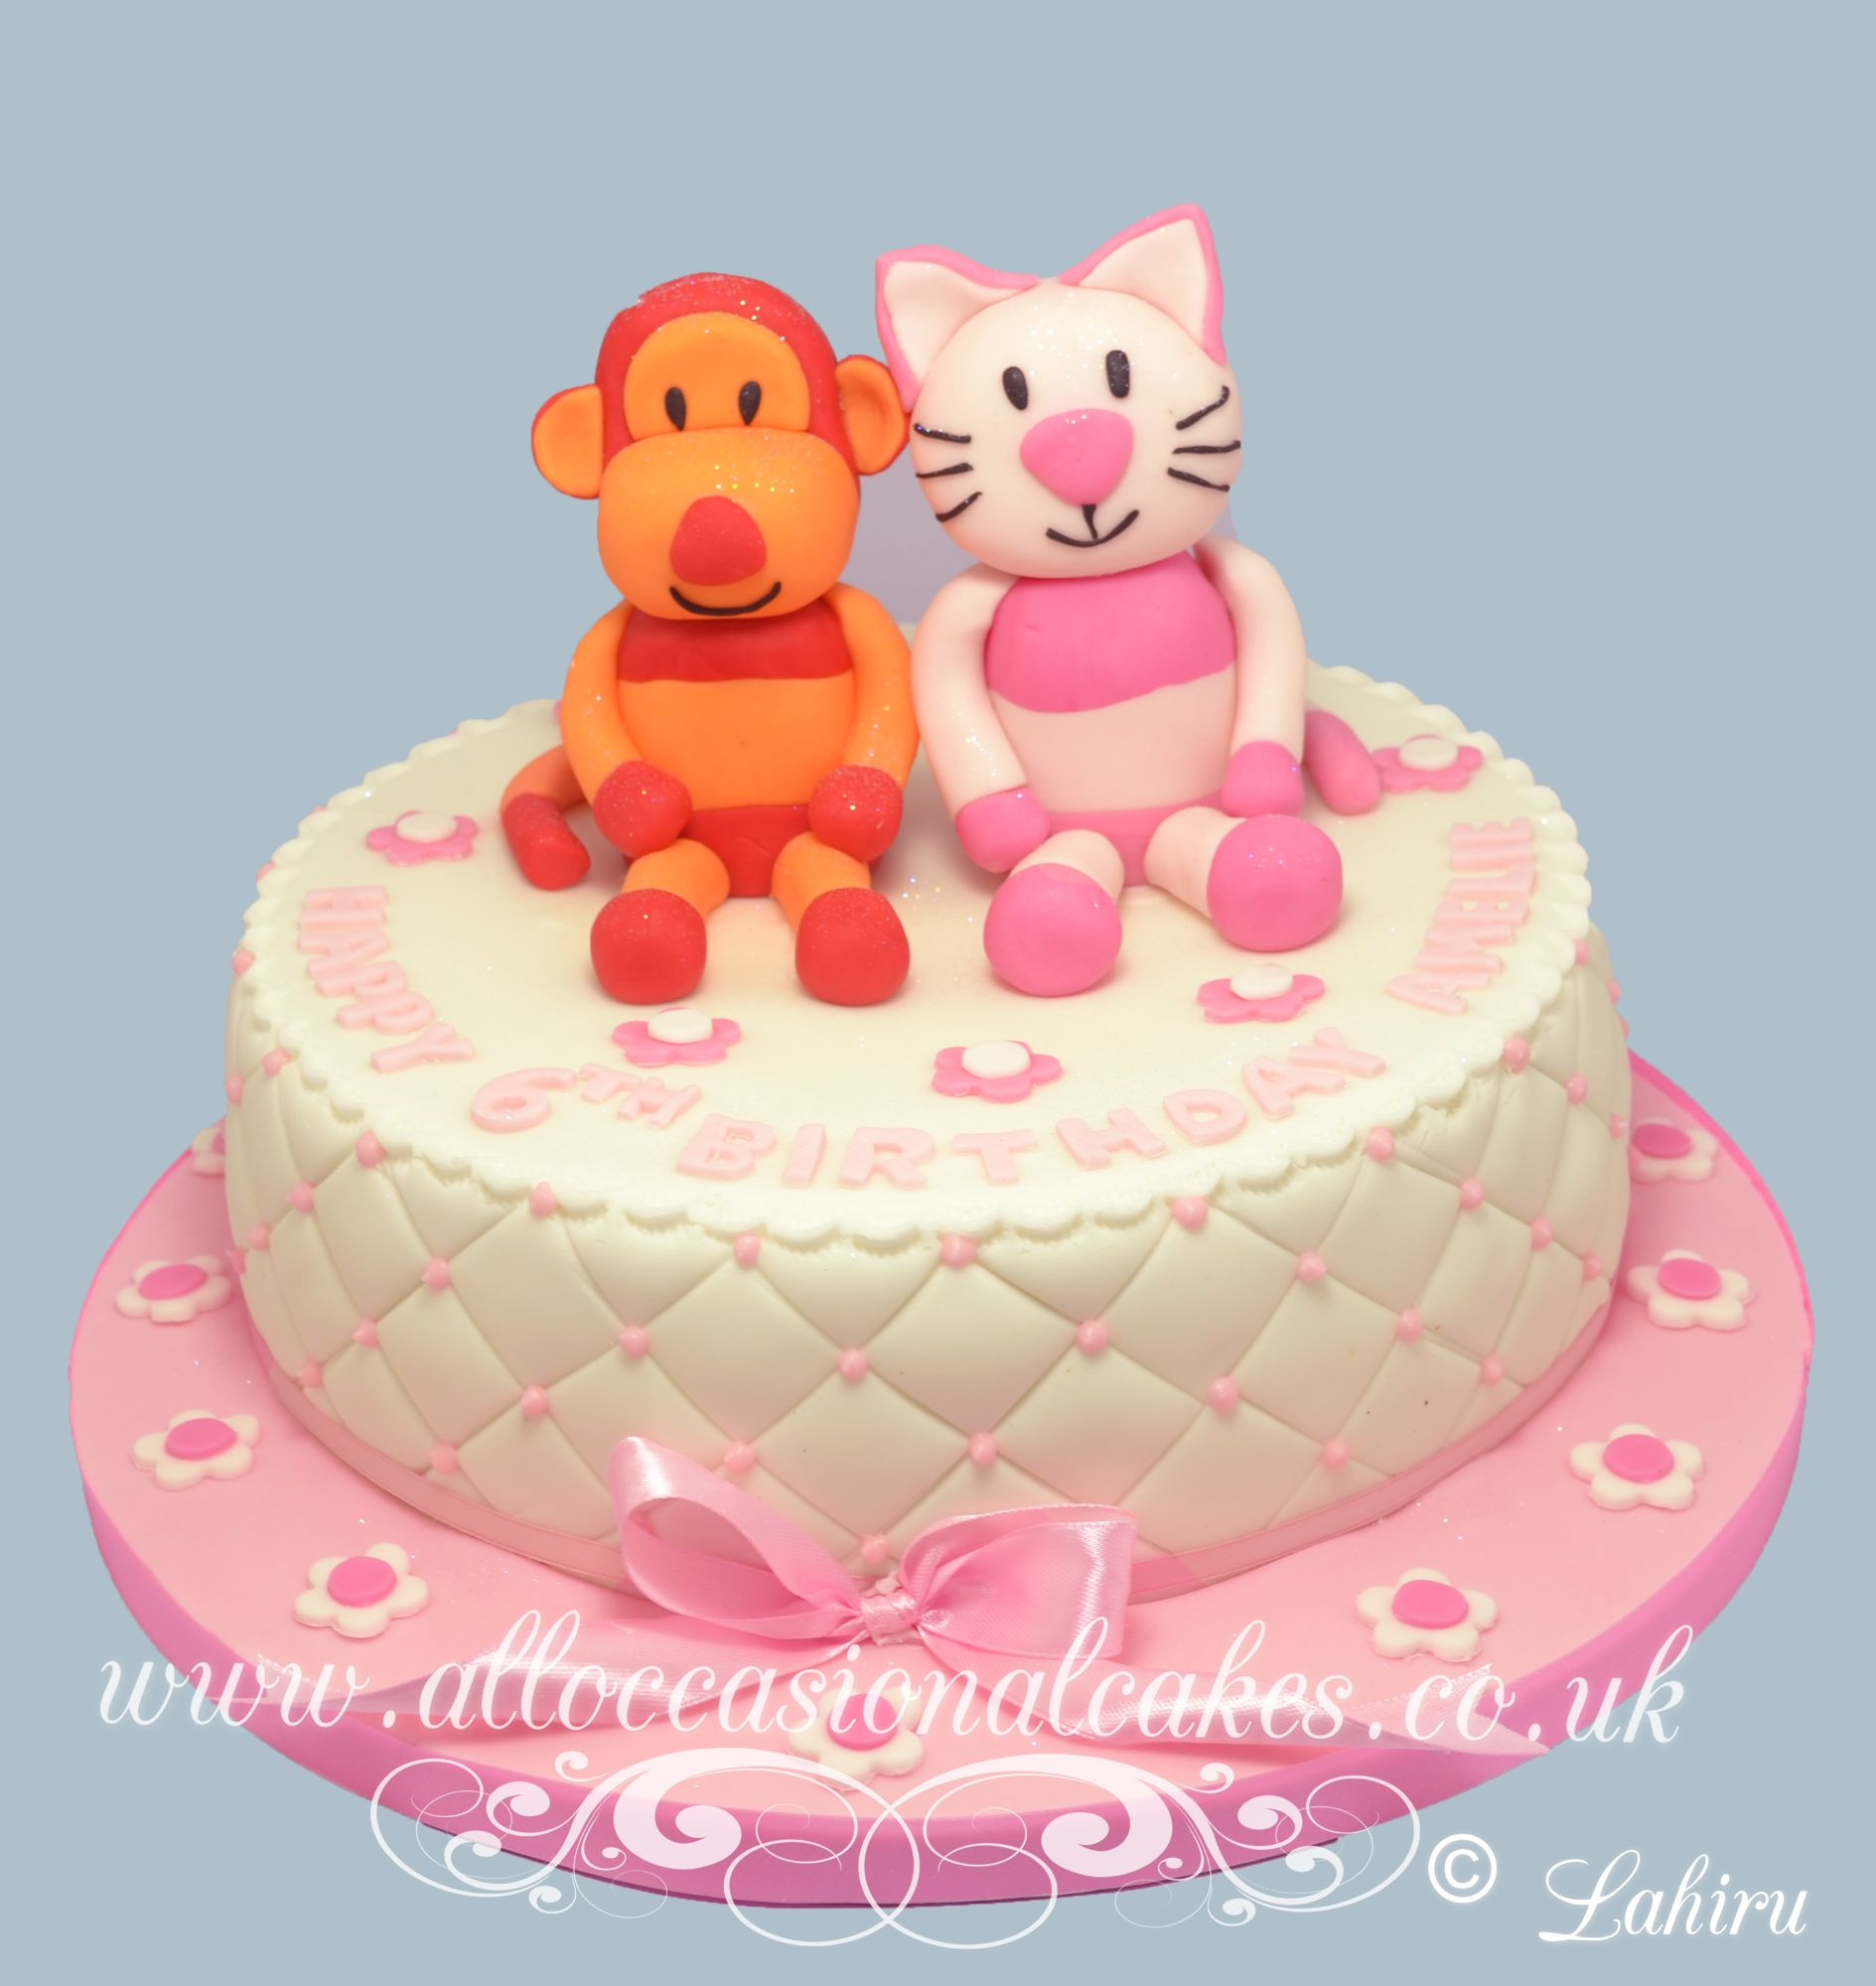 cat and monkey cake